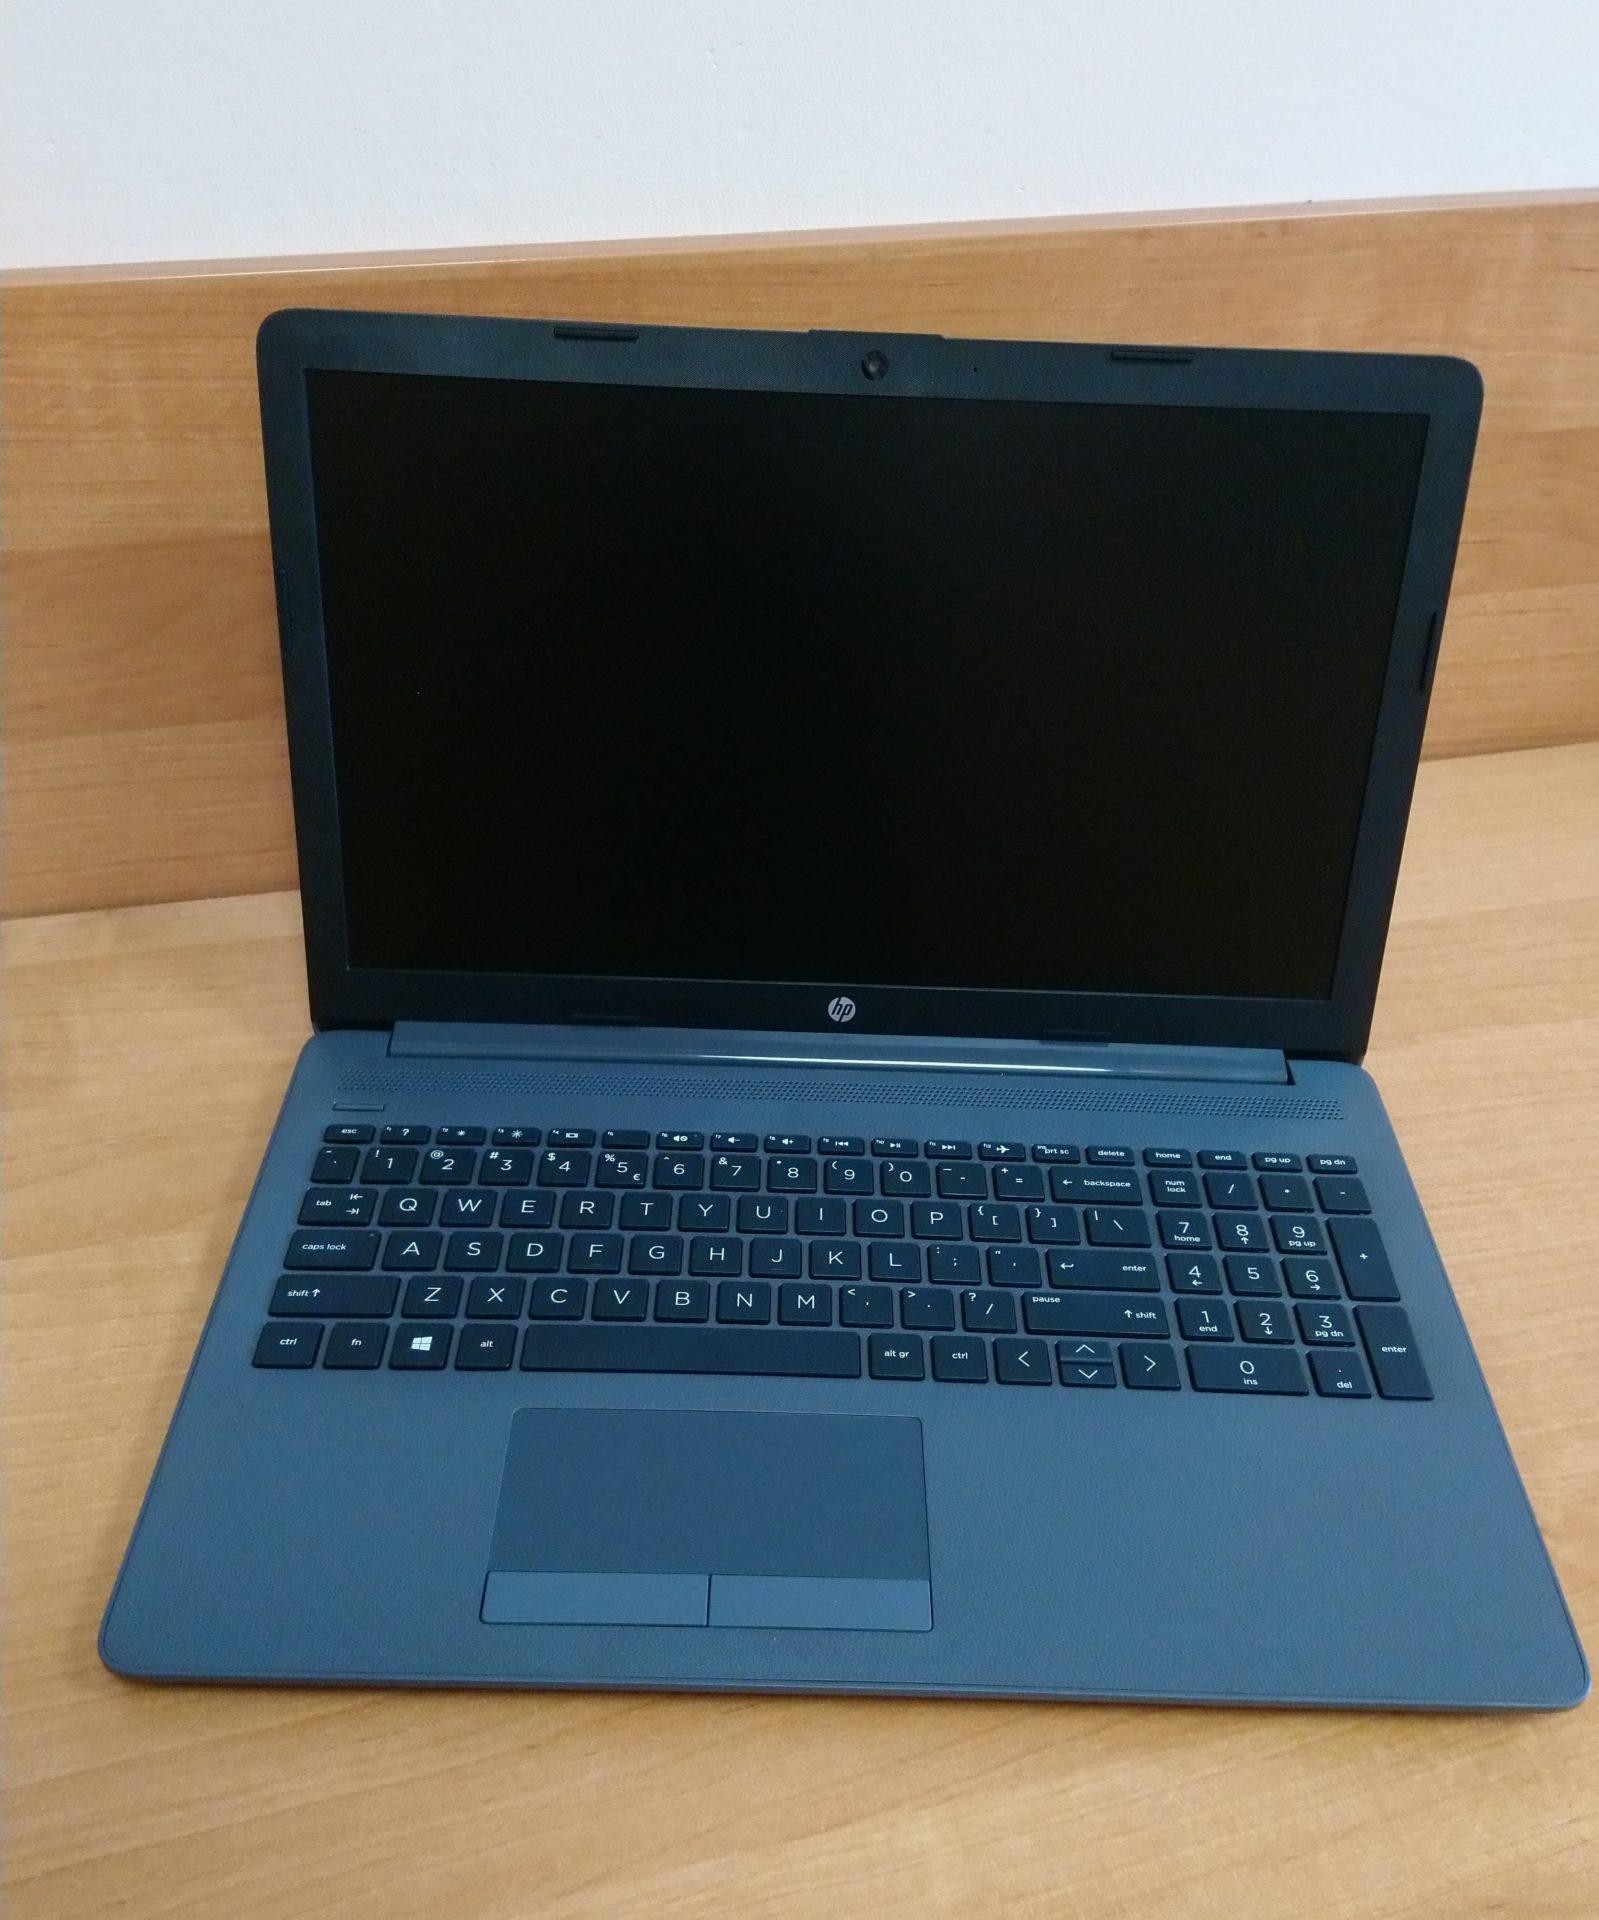 Dodatkowy sprzęt komputerowy dla szkół